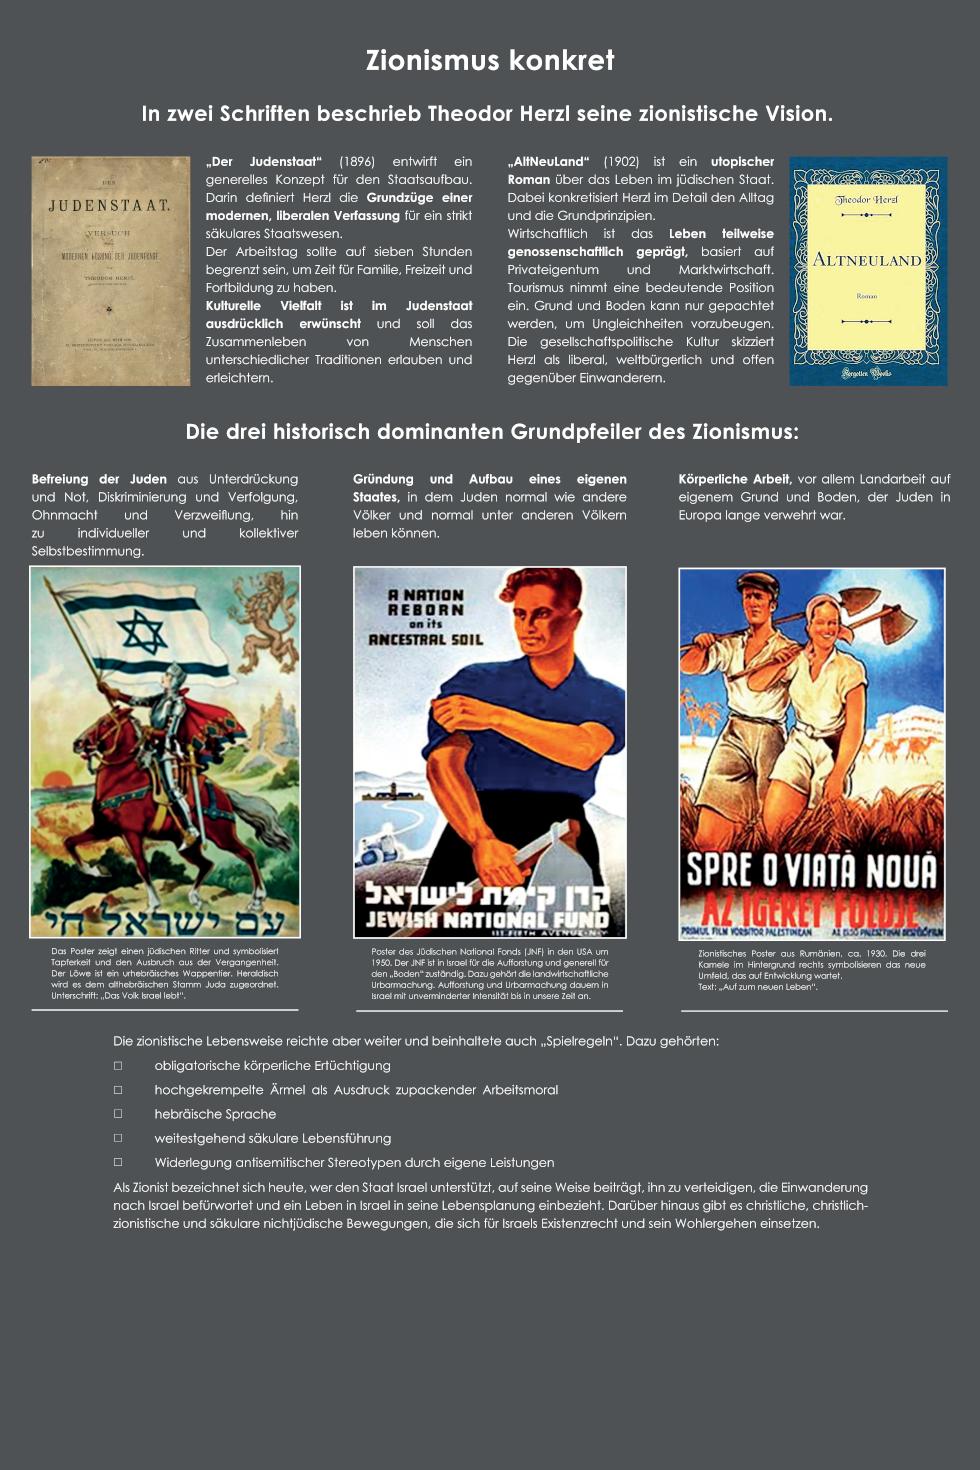 08 Zionismus konkret